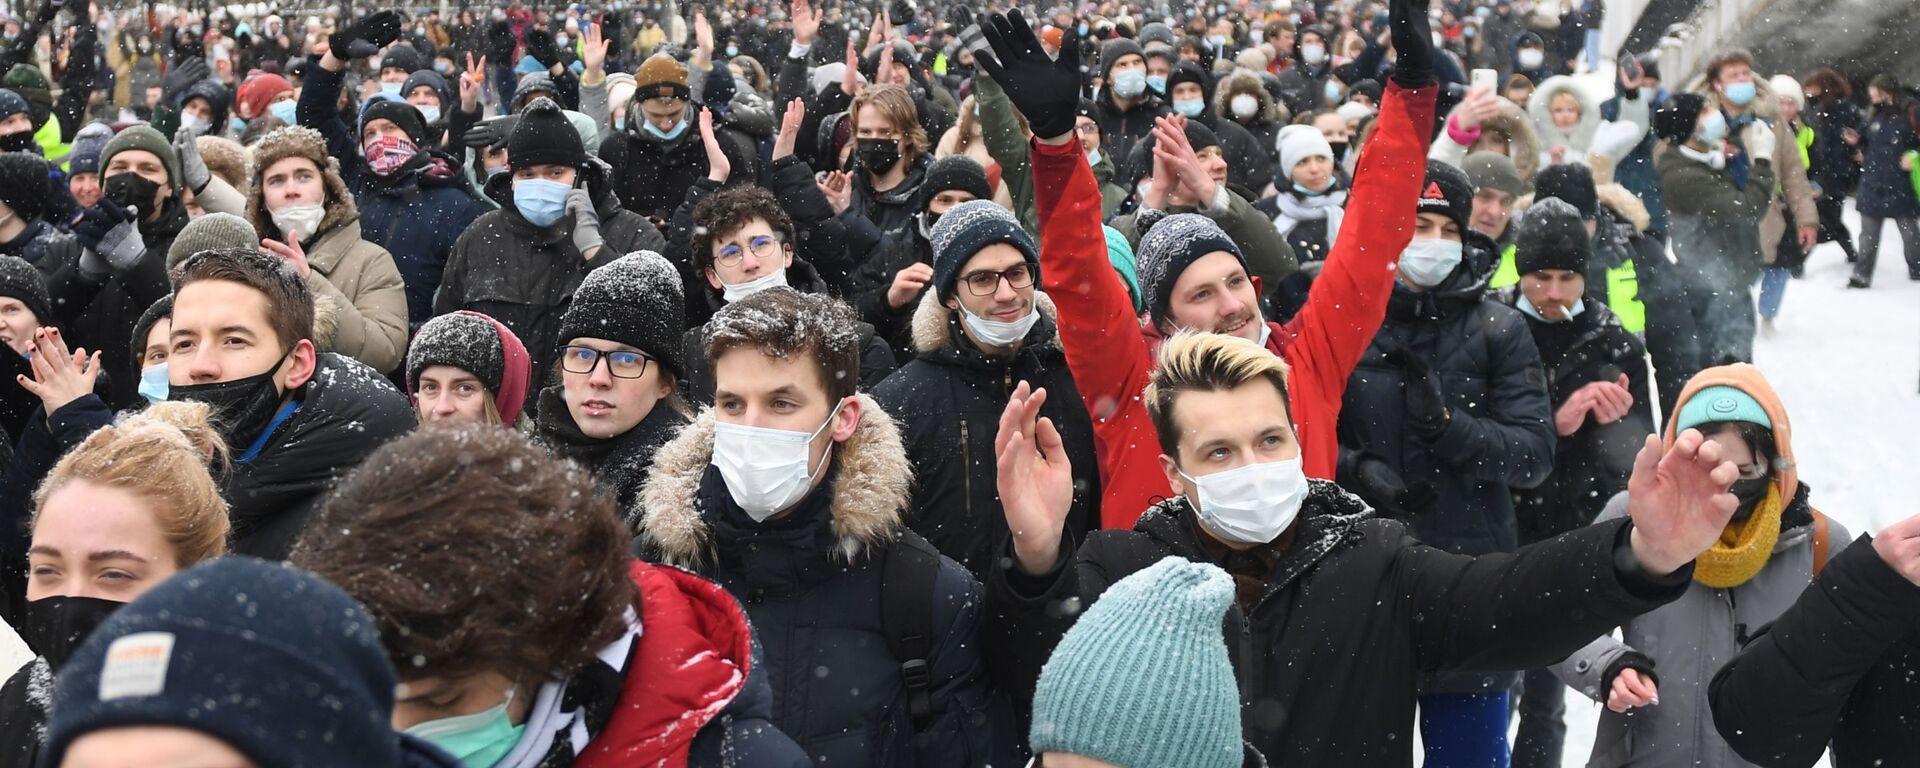 Участники несанкционированной акции сторонников Алексея Навального в Москве - Sputnik Грузия, 1920, 01.02.2021